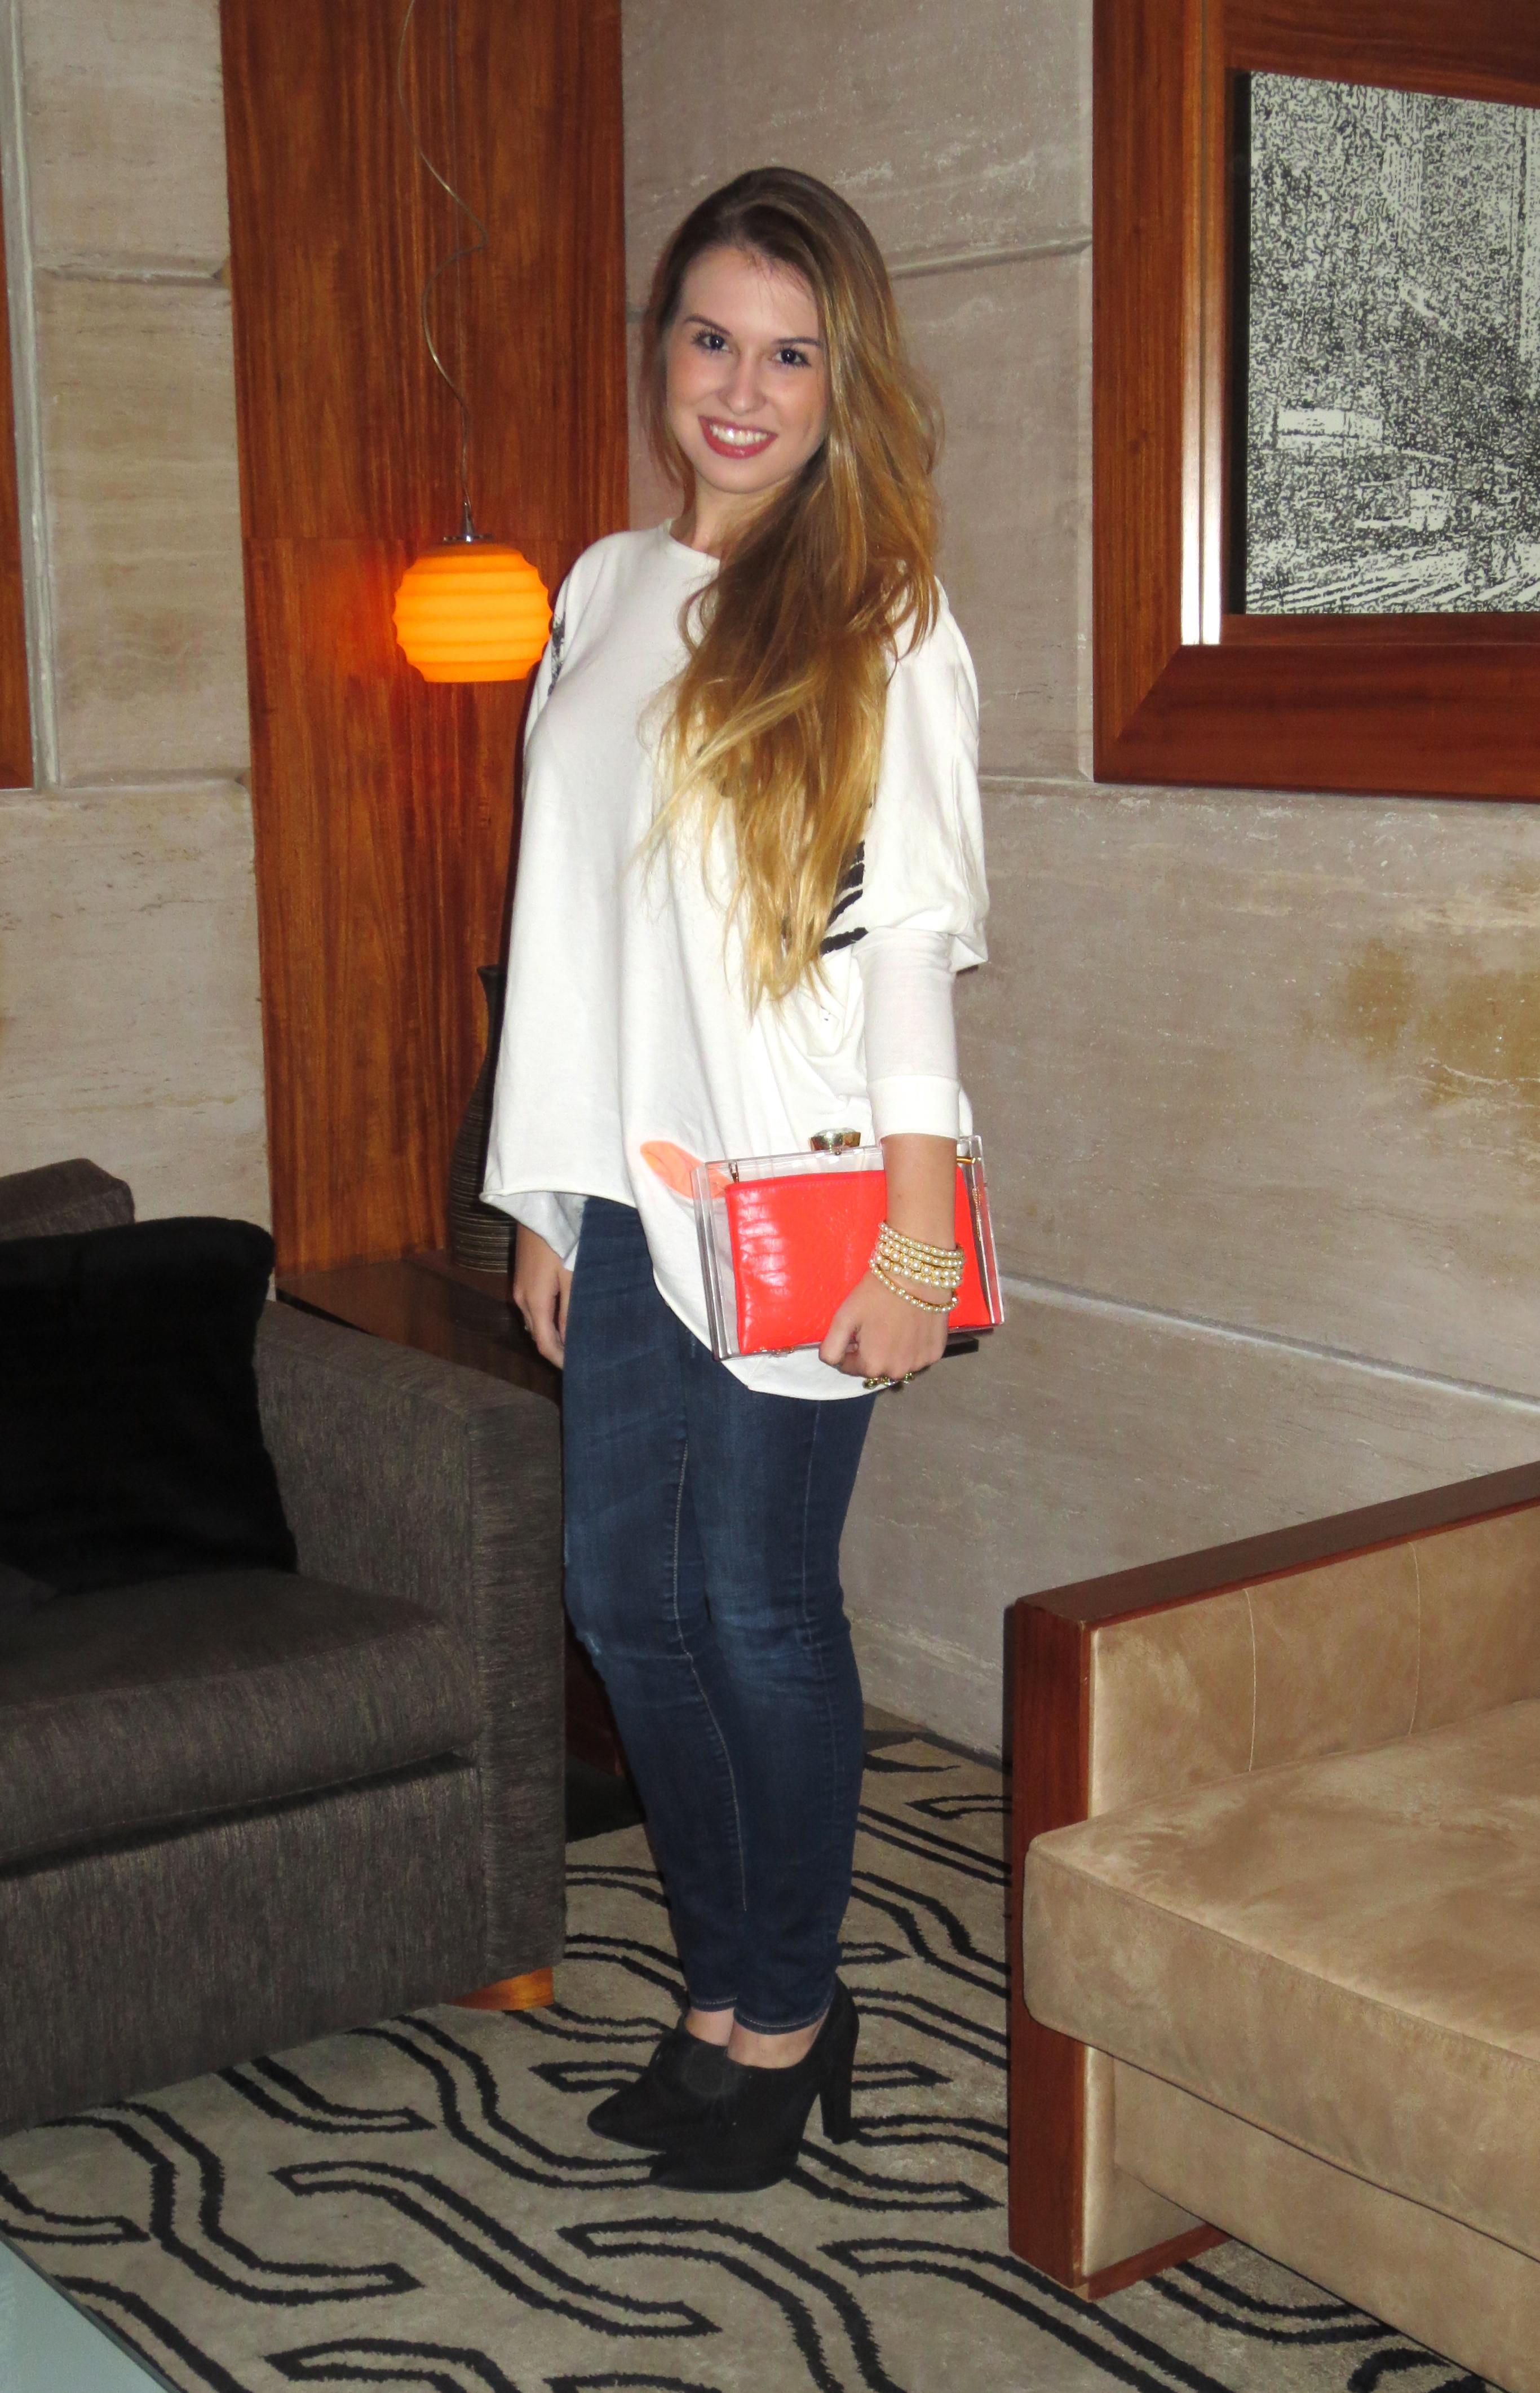 Bolsa para ir ao casamento : Look do dia blusa de cruz bolsa acrilico fabi santina